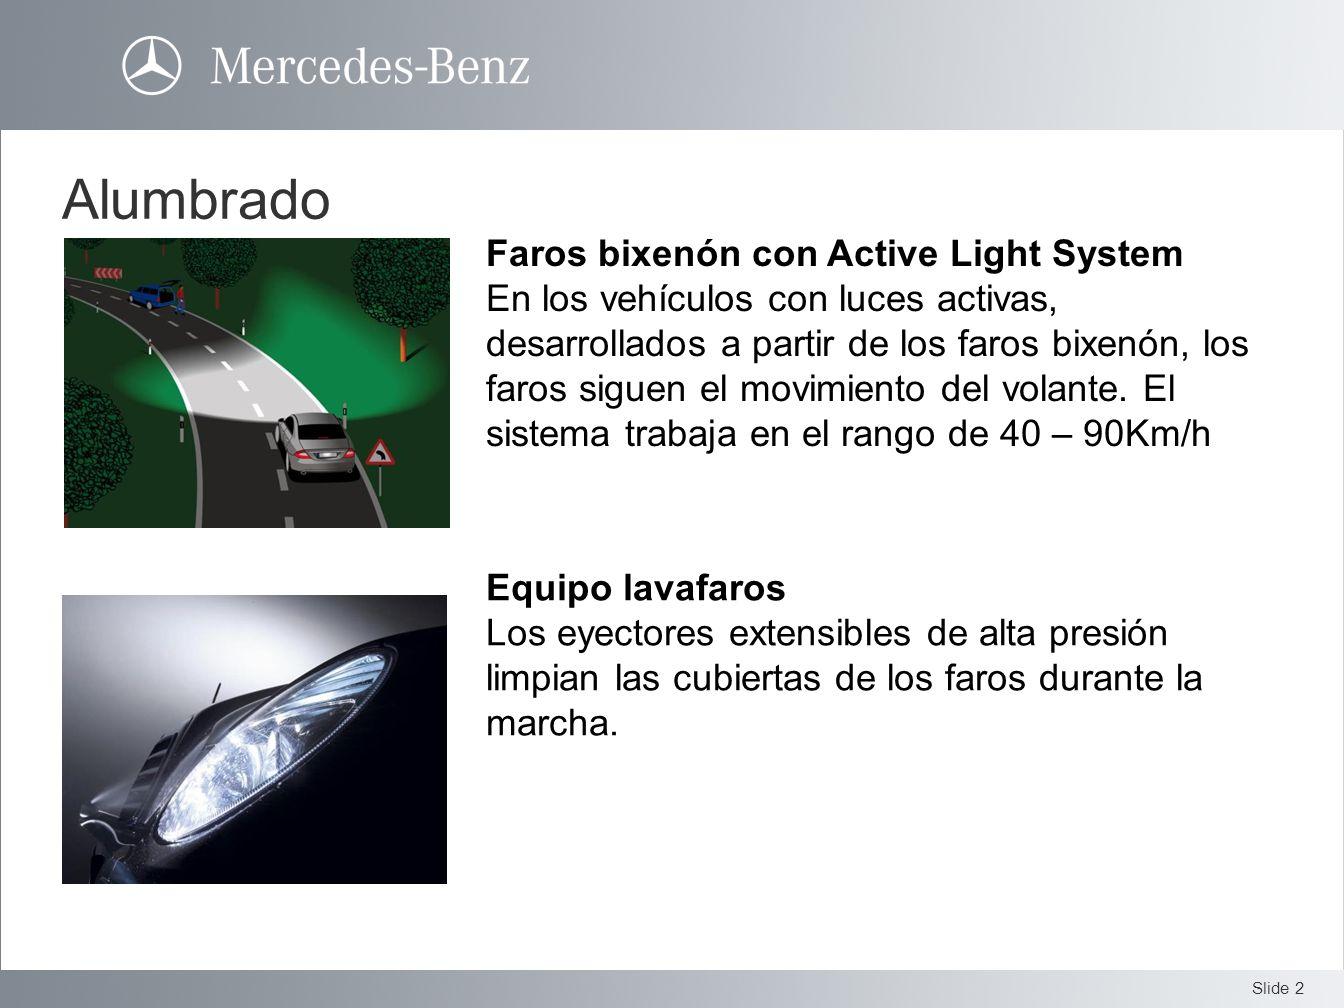 Alumbrado Faros bixenón con Active Light System